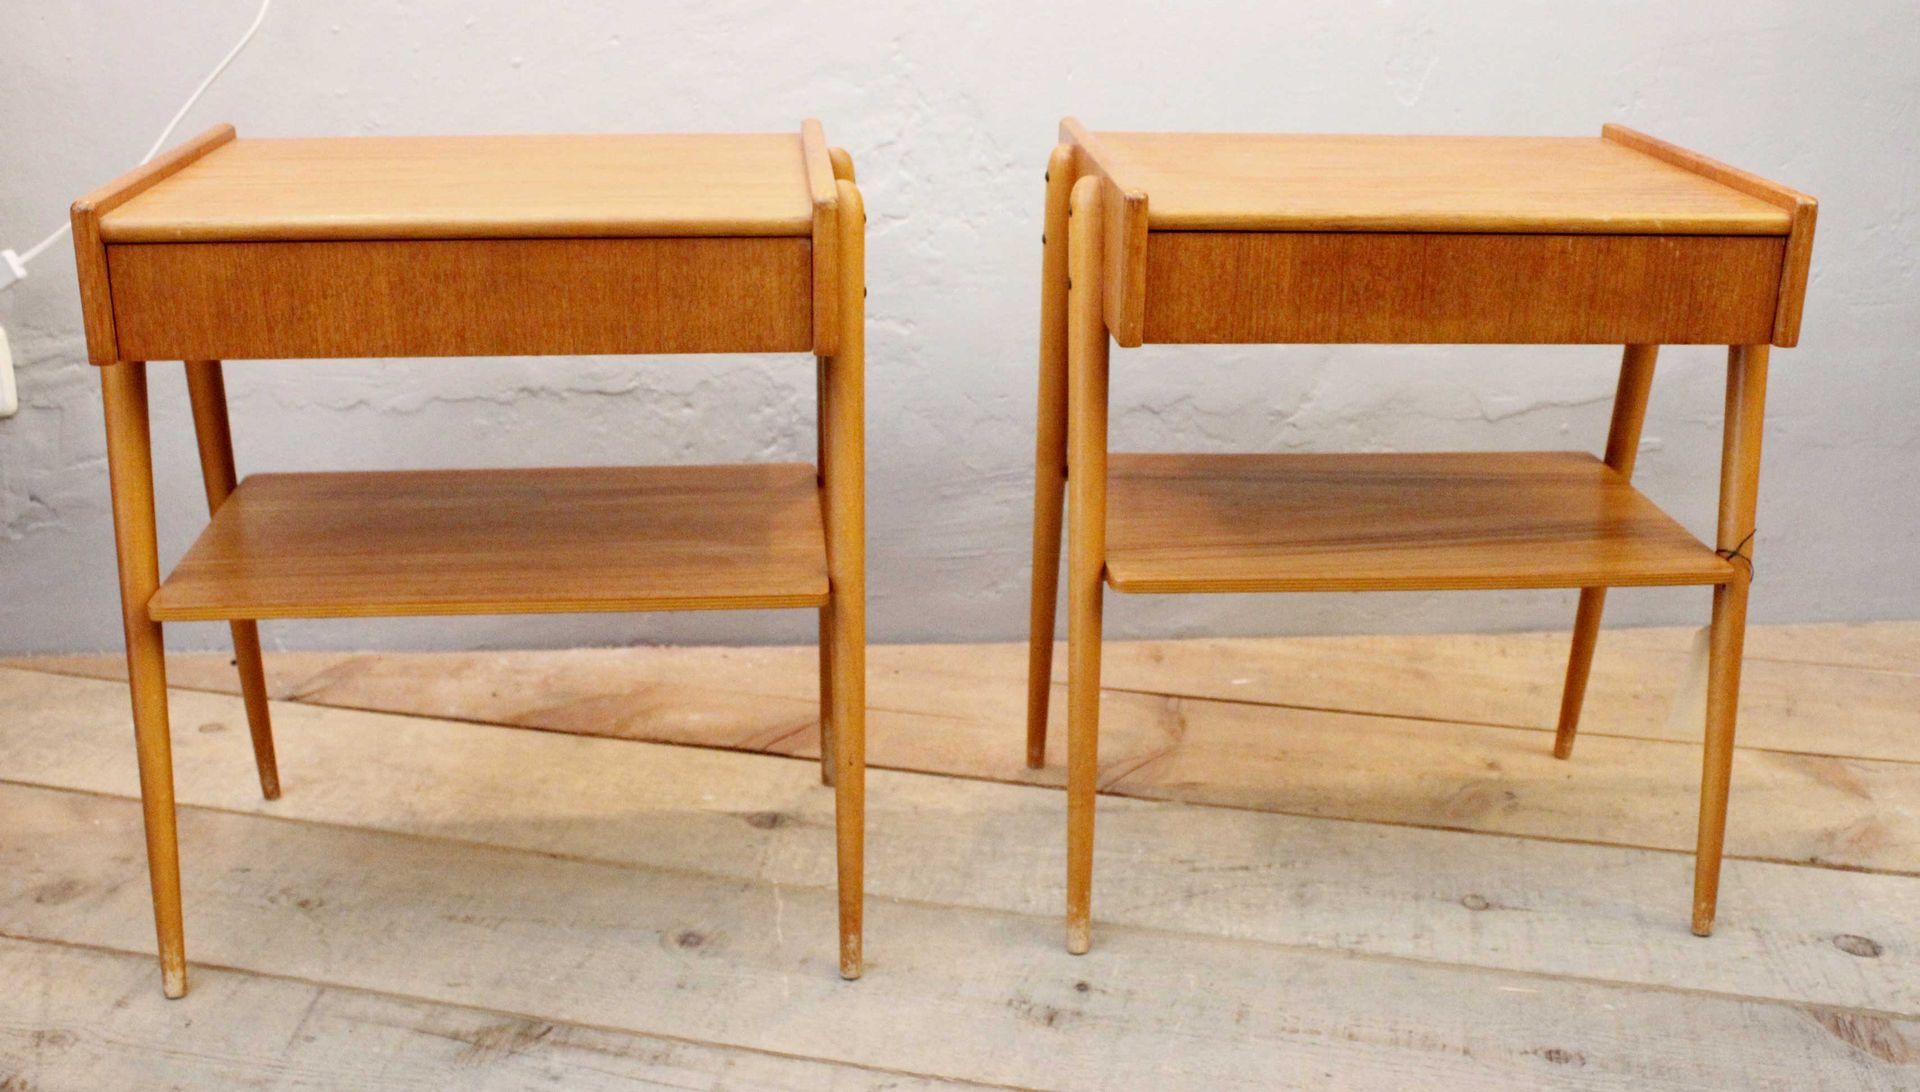 Teak Bedside Tables 1950s Set of 2 & Teak Bedside Tables 1950s Set of 2 for sale at Pamono